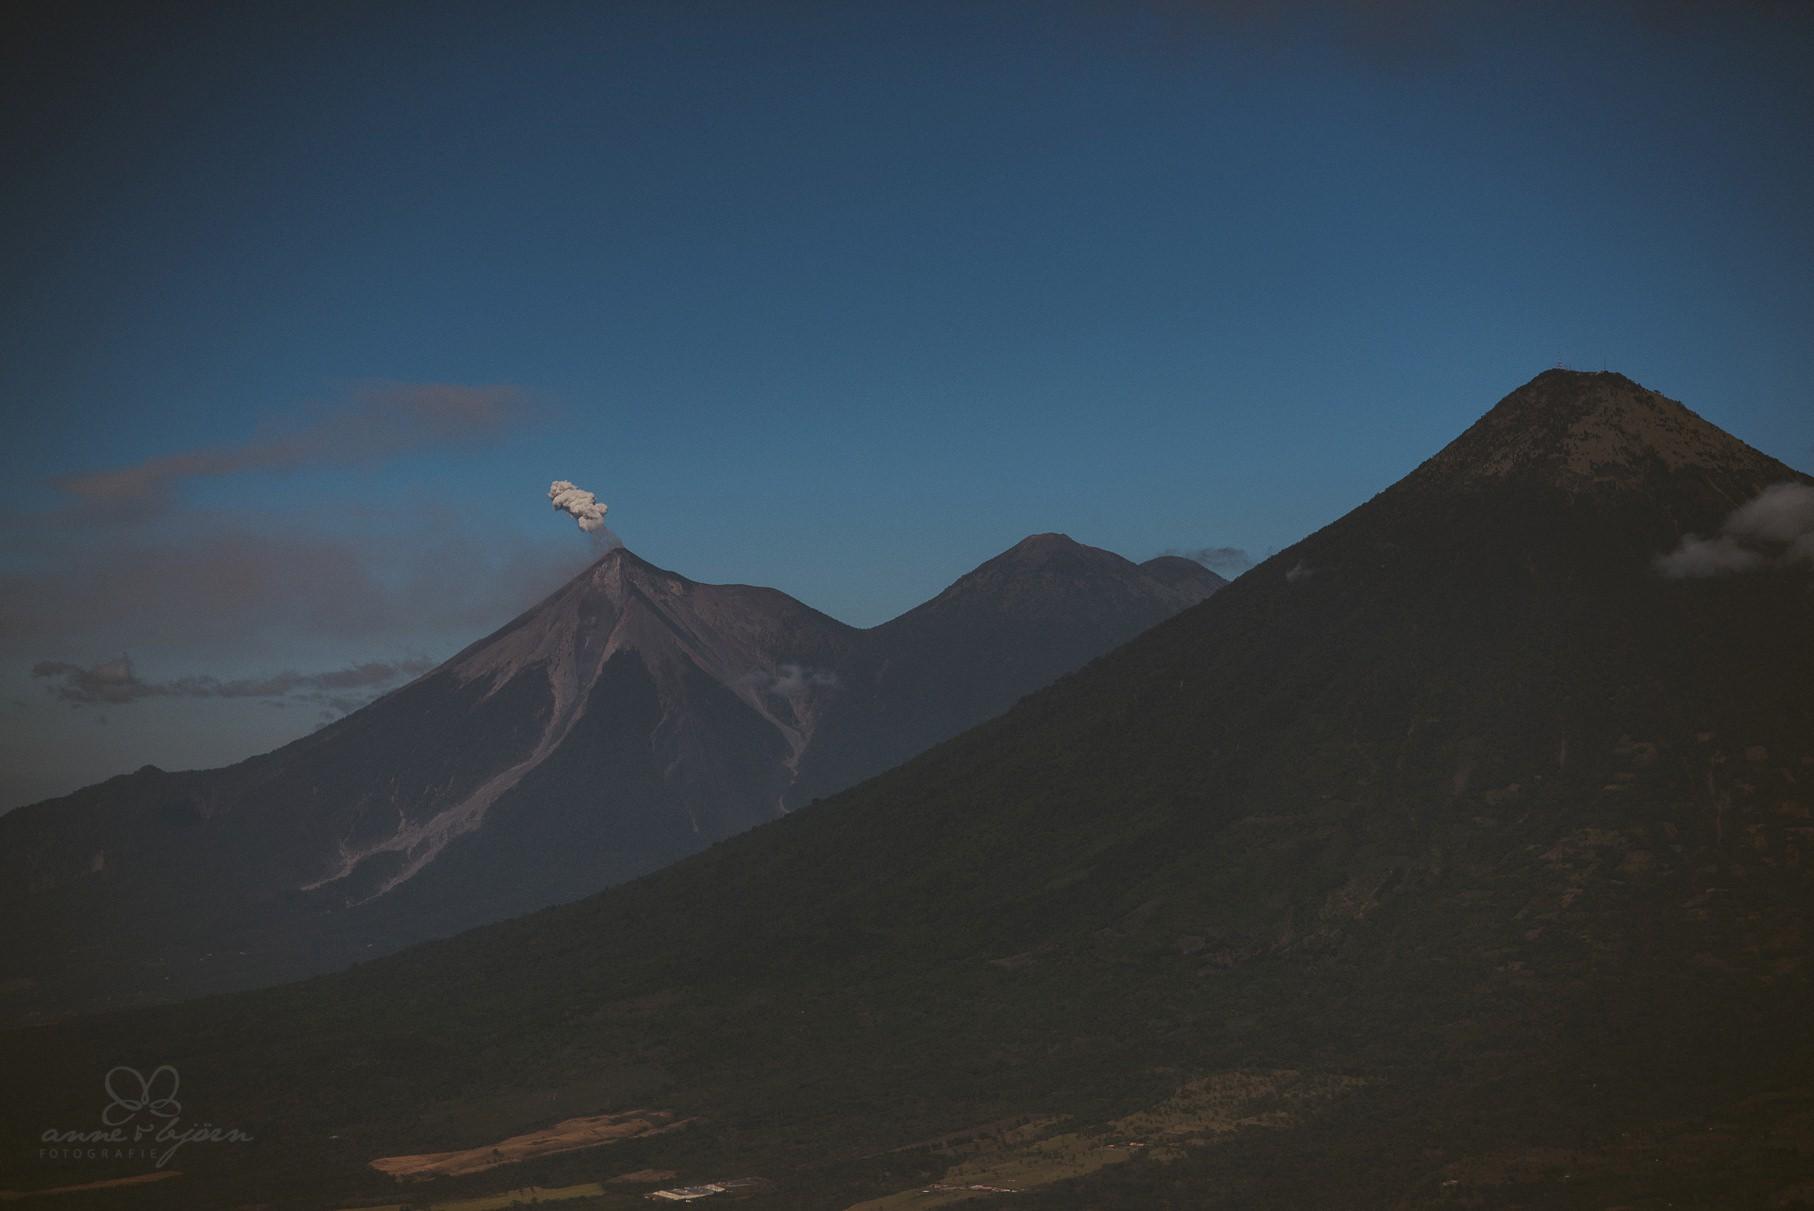 0068 anne und bjoern guatemala 811 2874 - 4 Wochen durch Guatemala - backpacking durch Mittelamerika